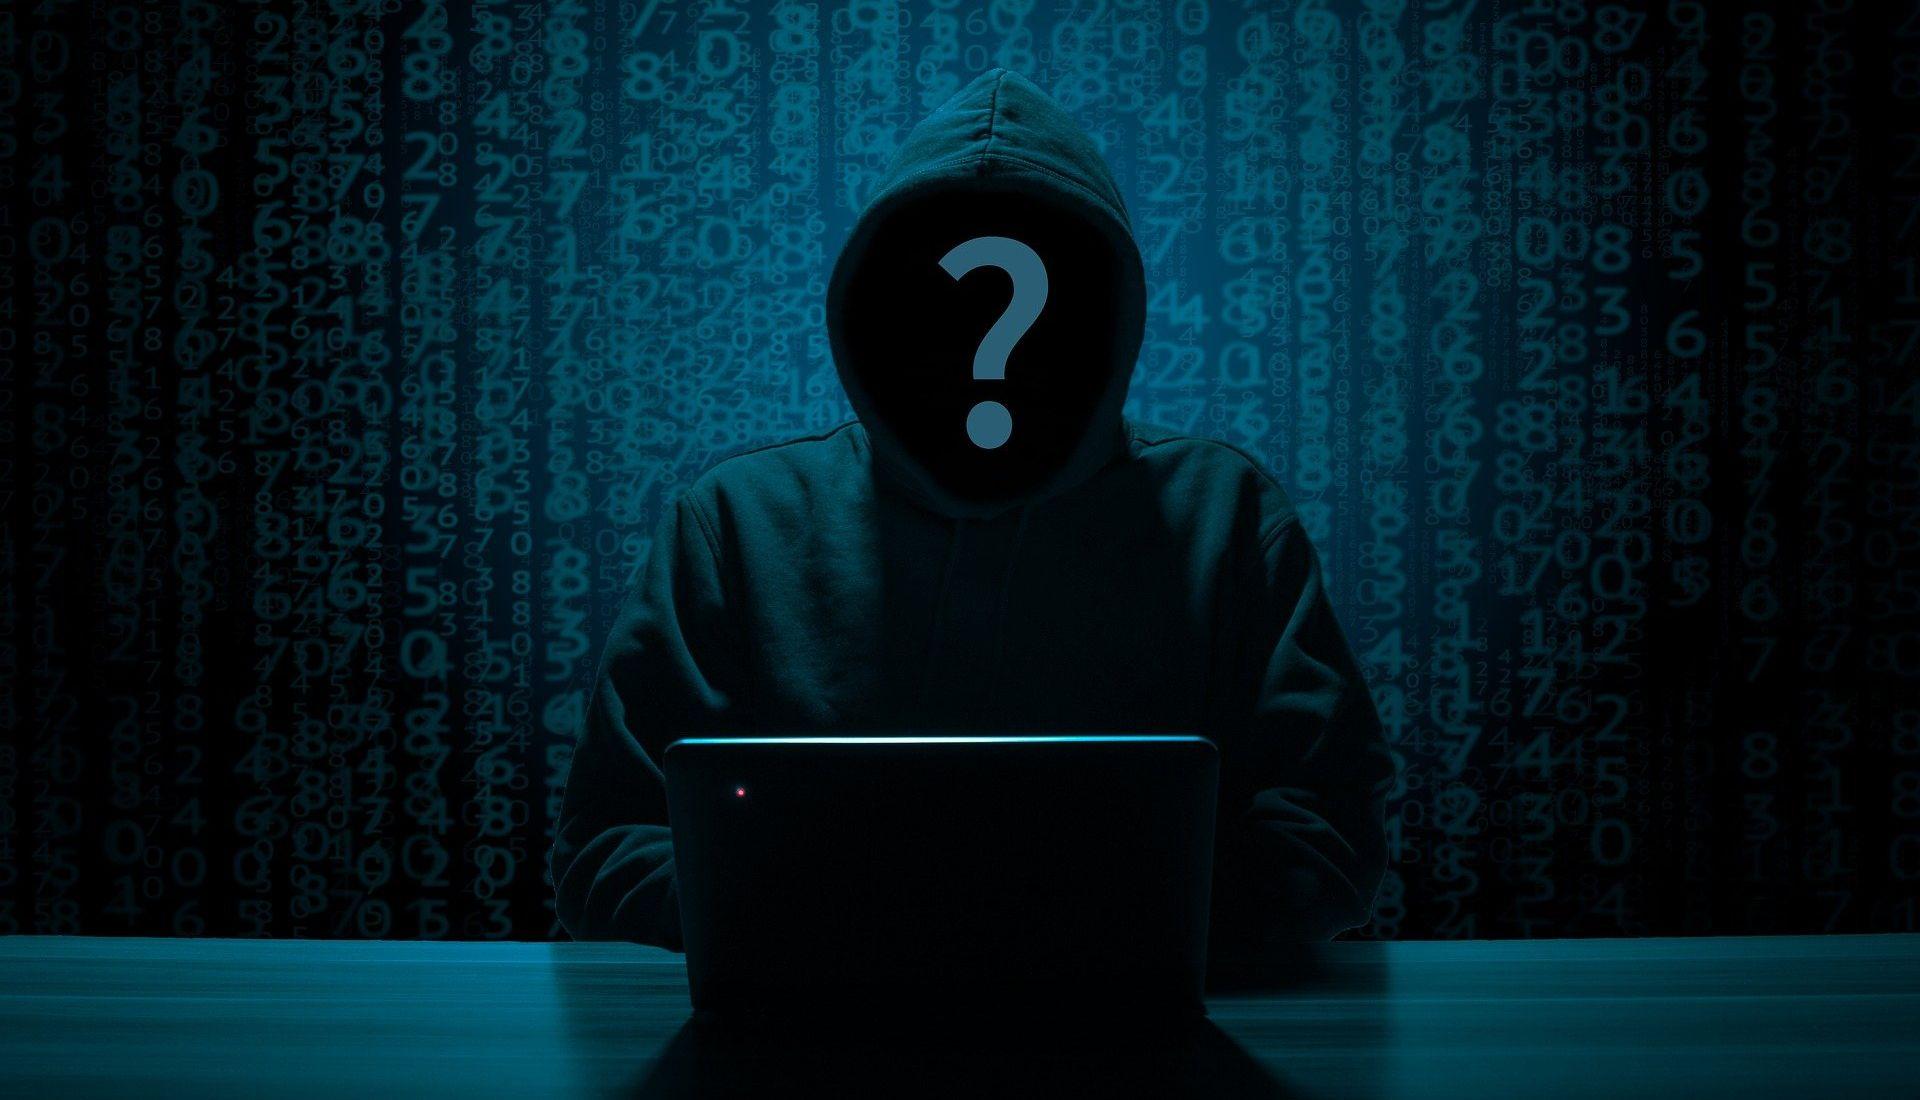 Les hackers et les pirates